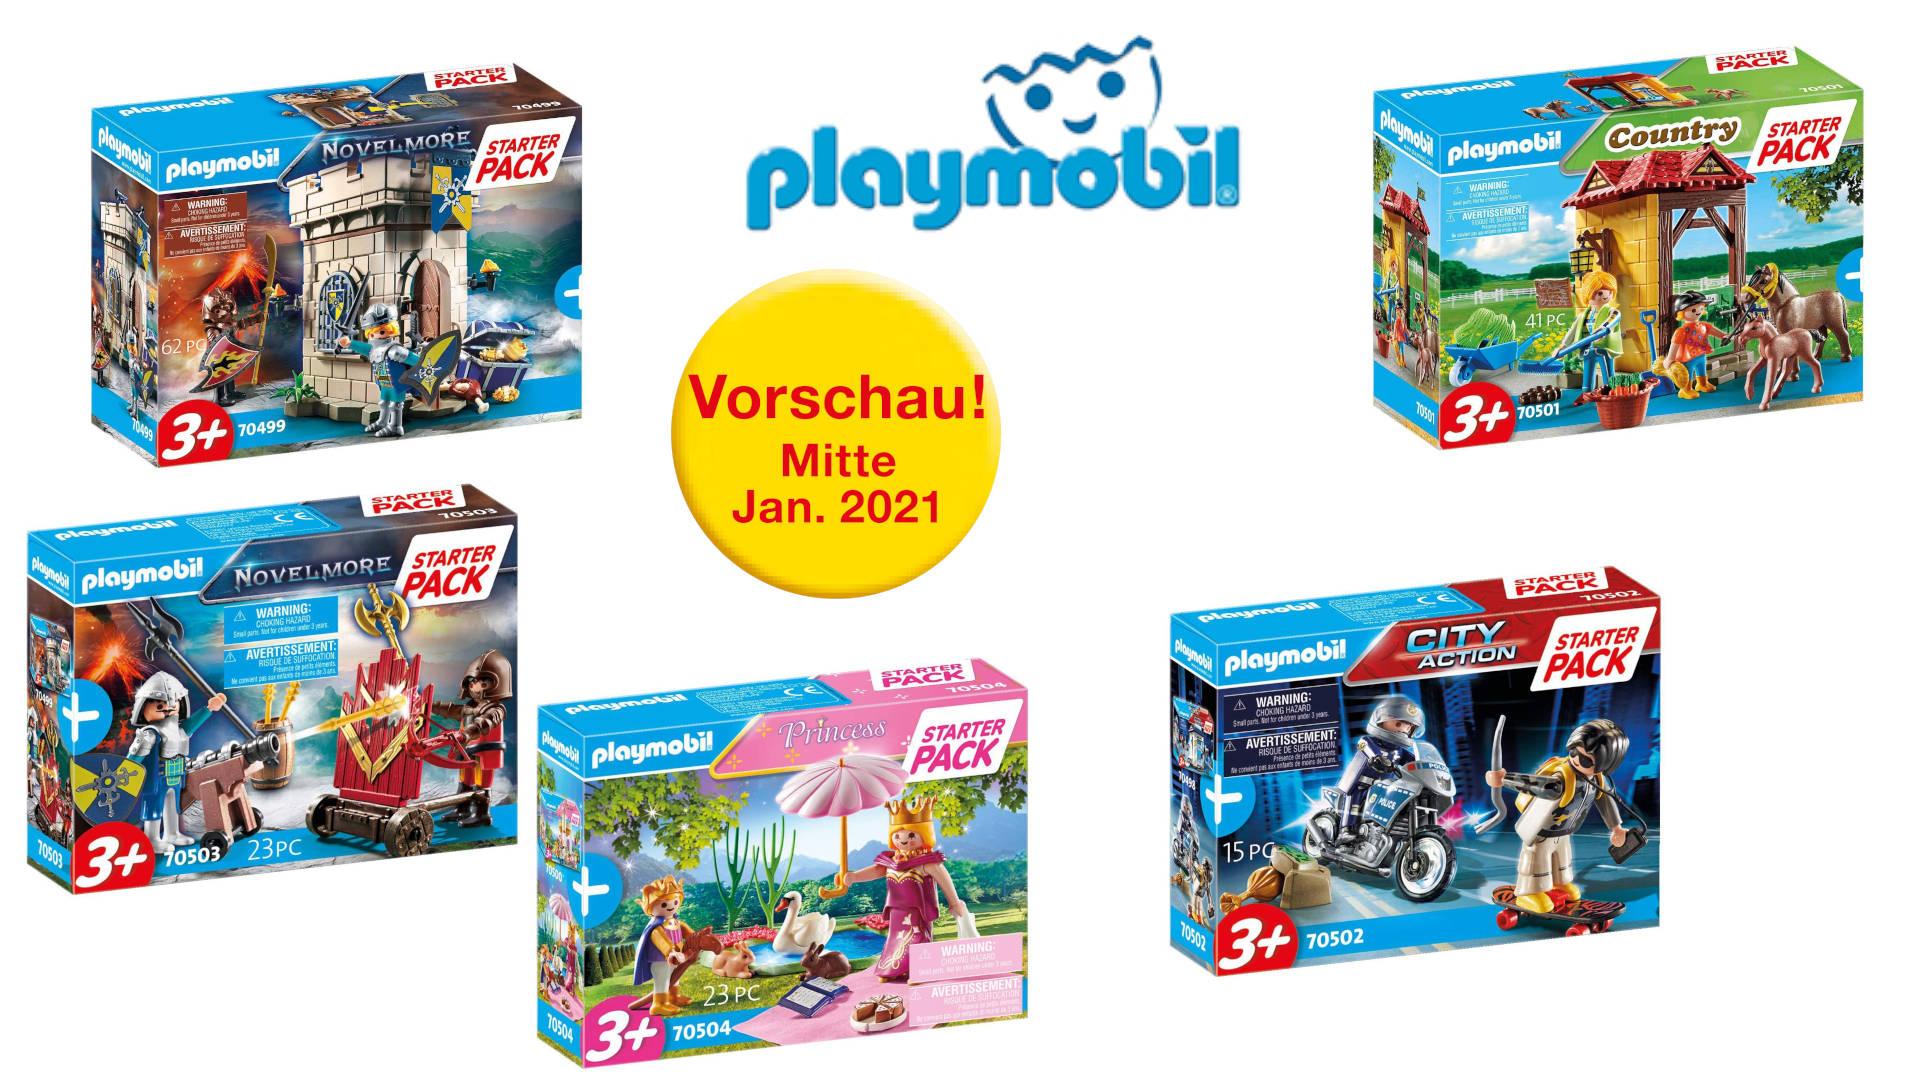 playmobil 2021